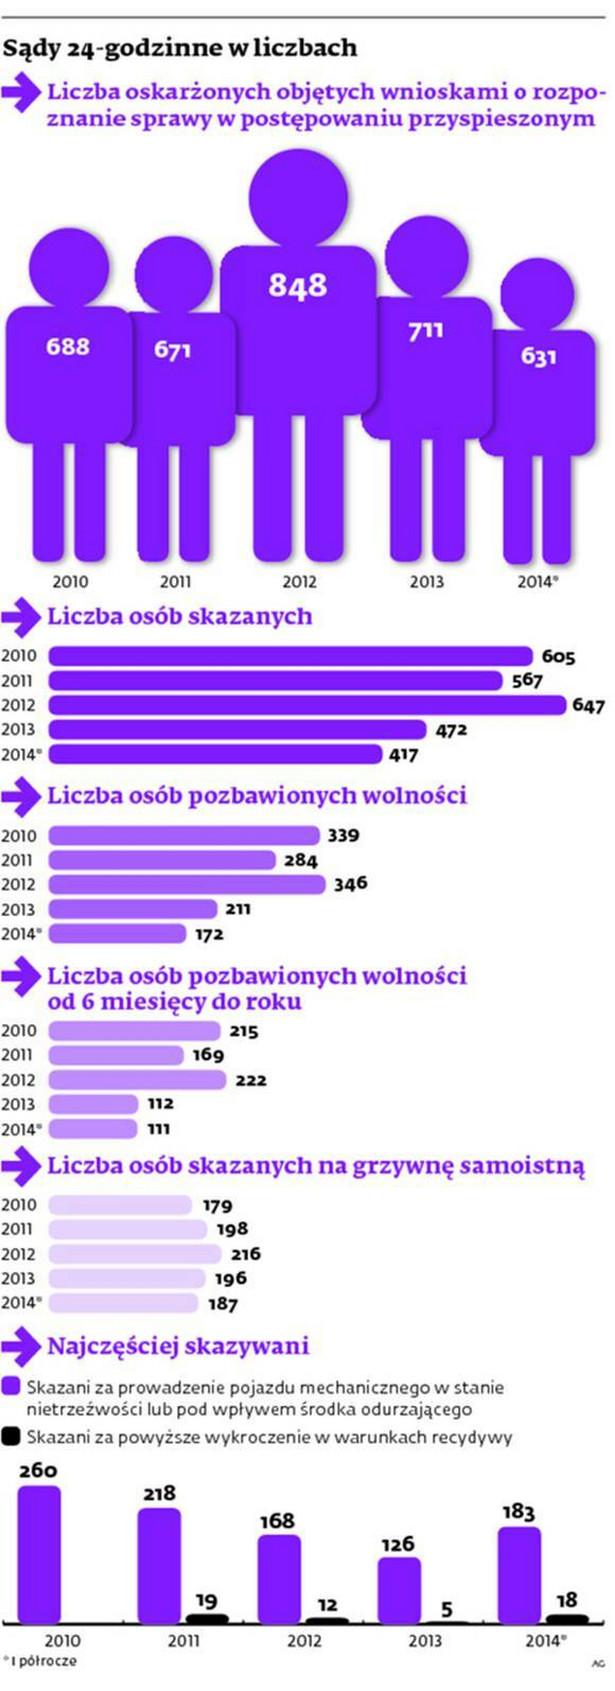 Sądy 24-godzinne w liczbach